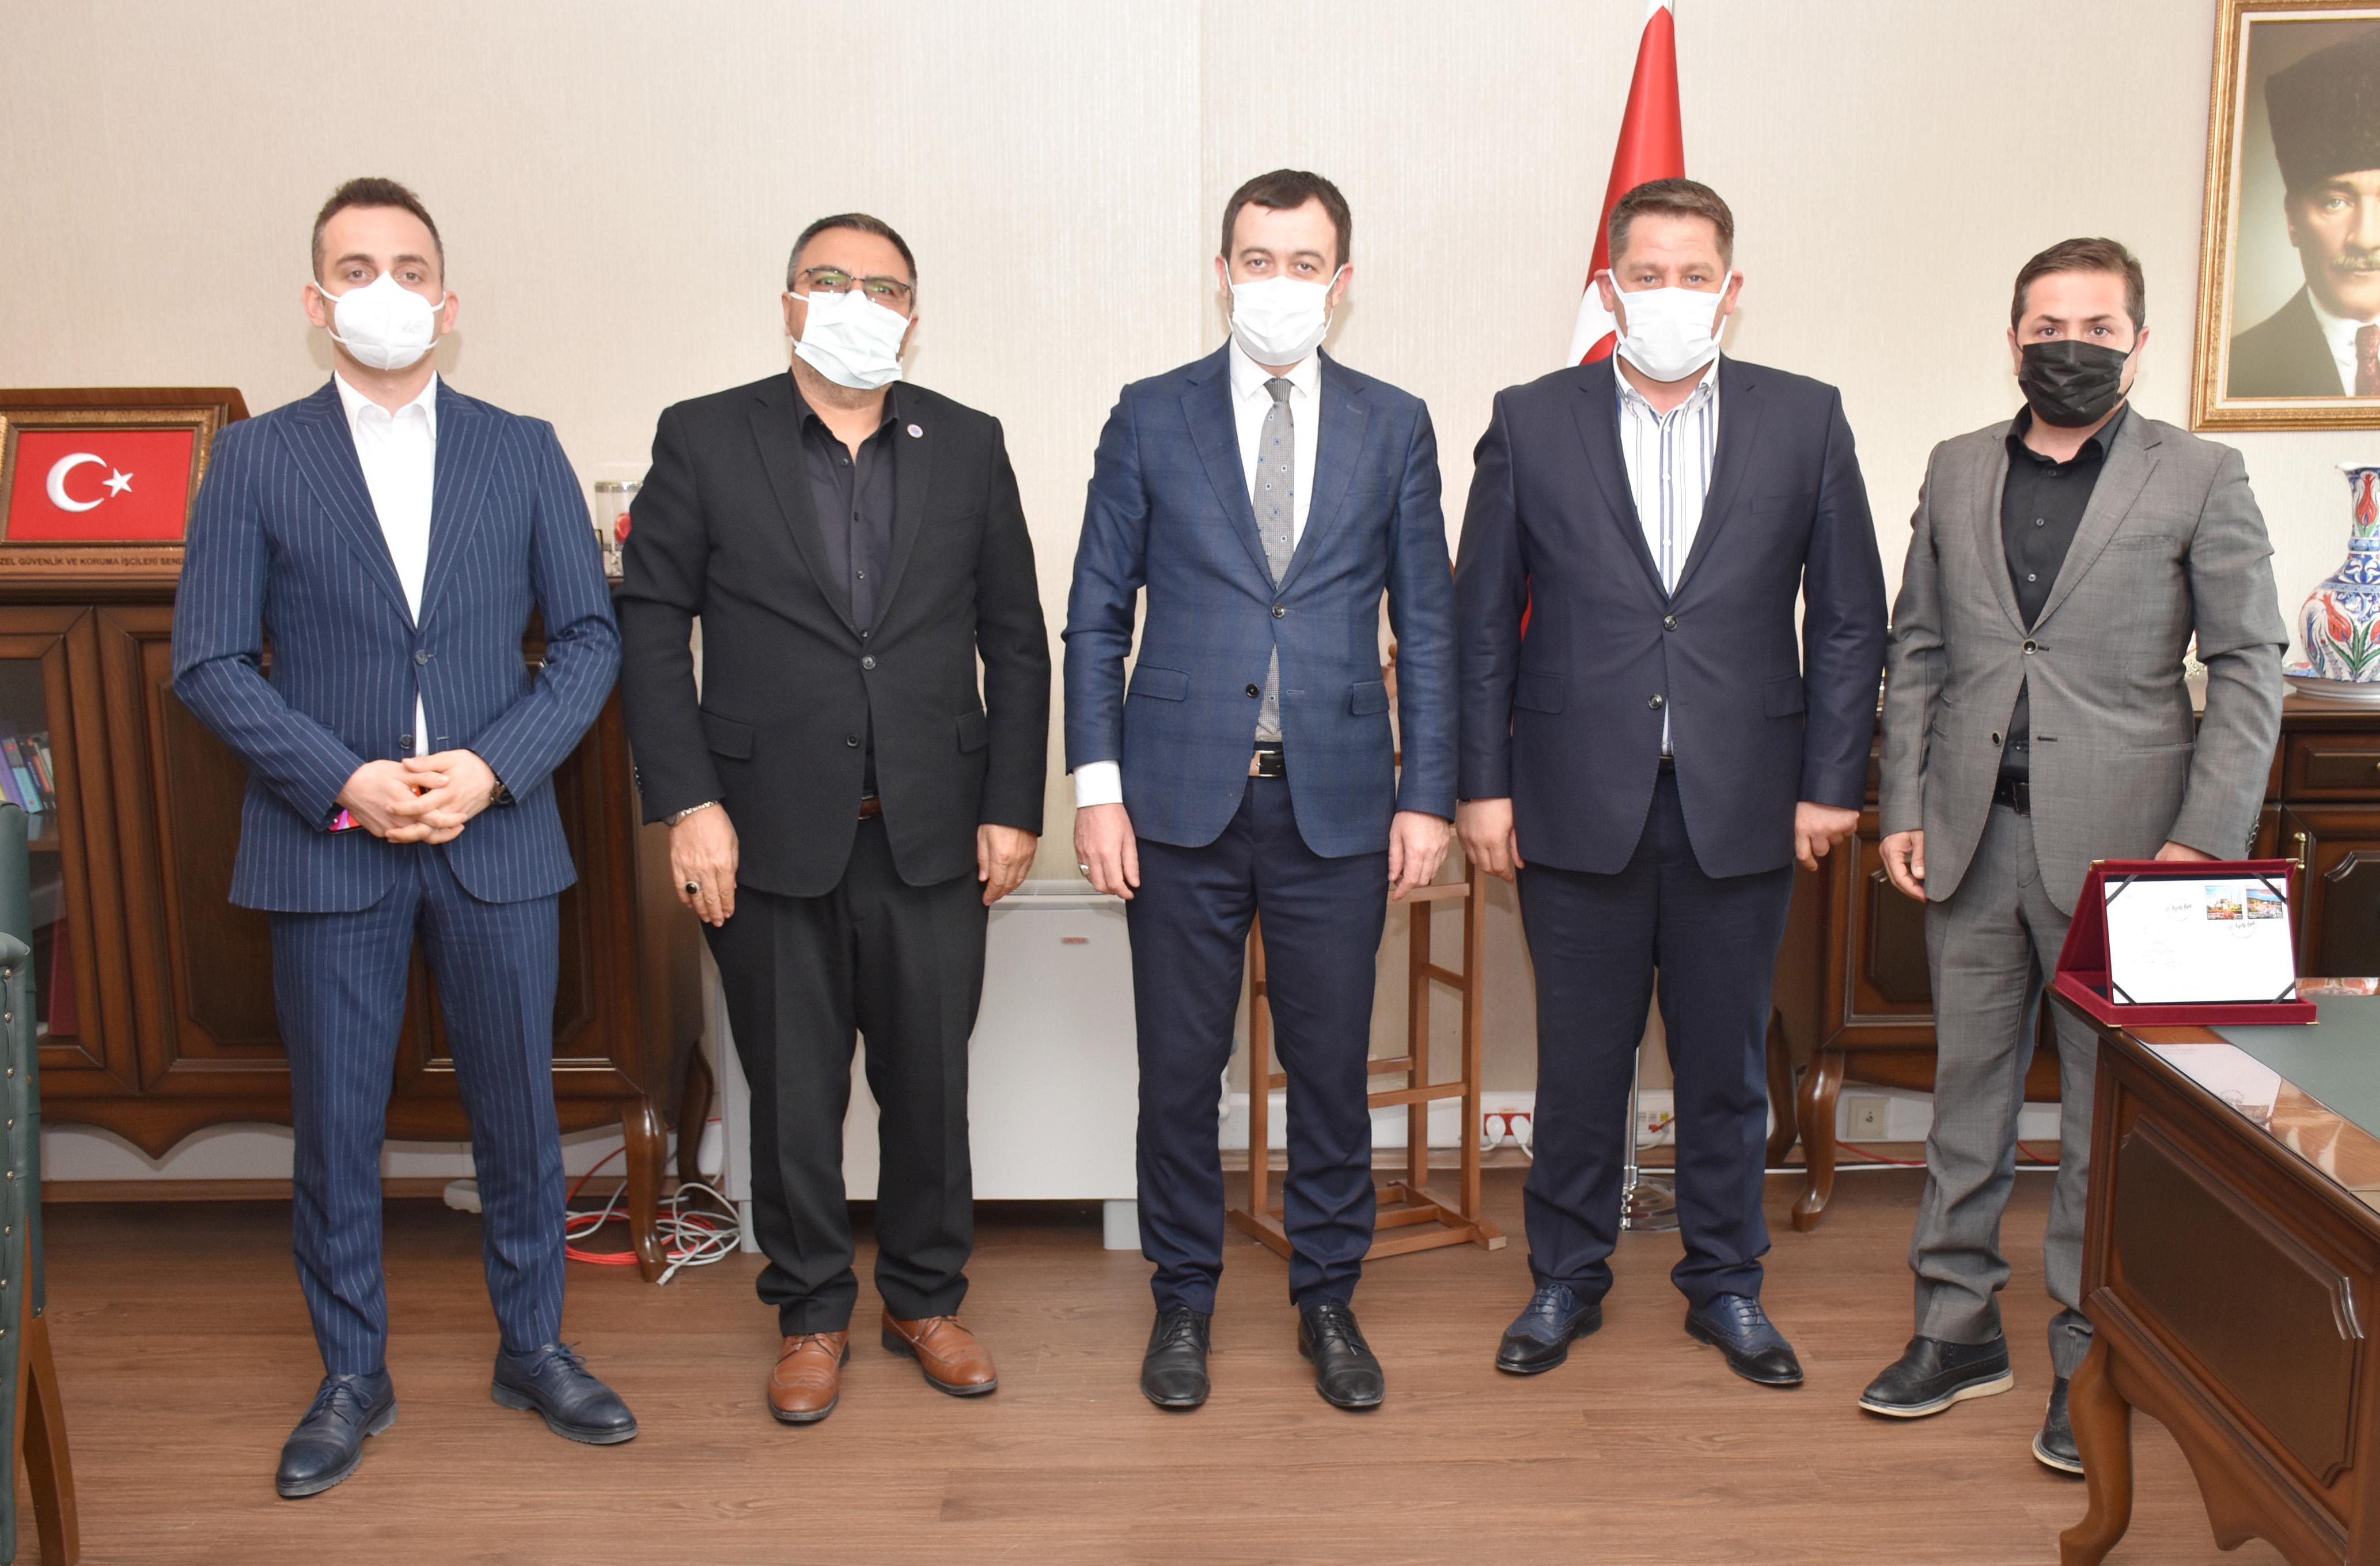 Birlik Haber-Sen'den RTÜK Başkan Yardımcısı Özdemir'e Hayırlı Olsun Ziyareti